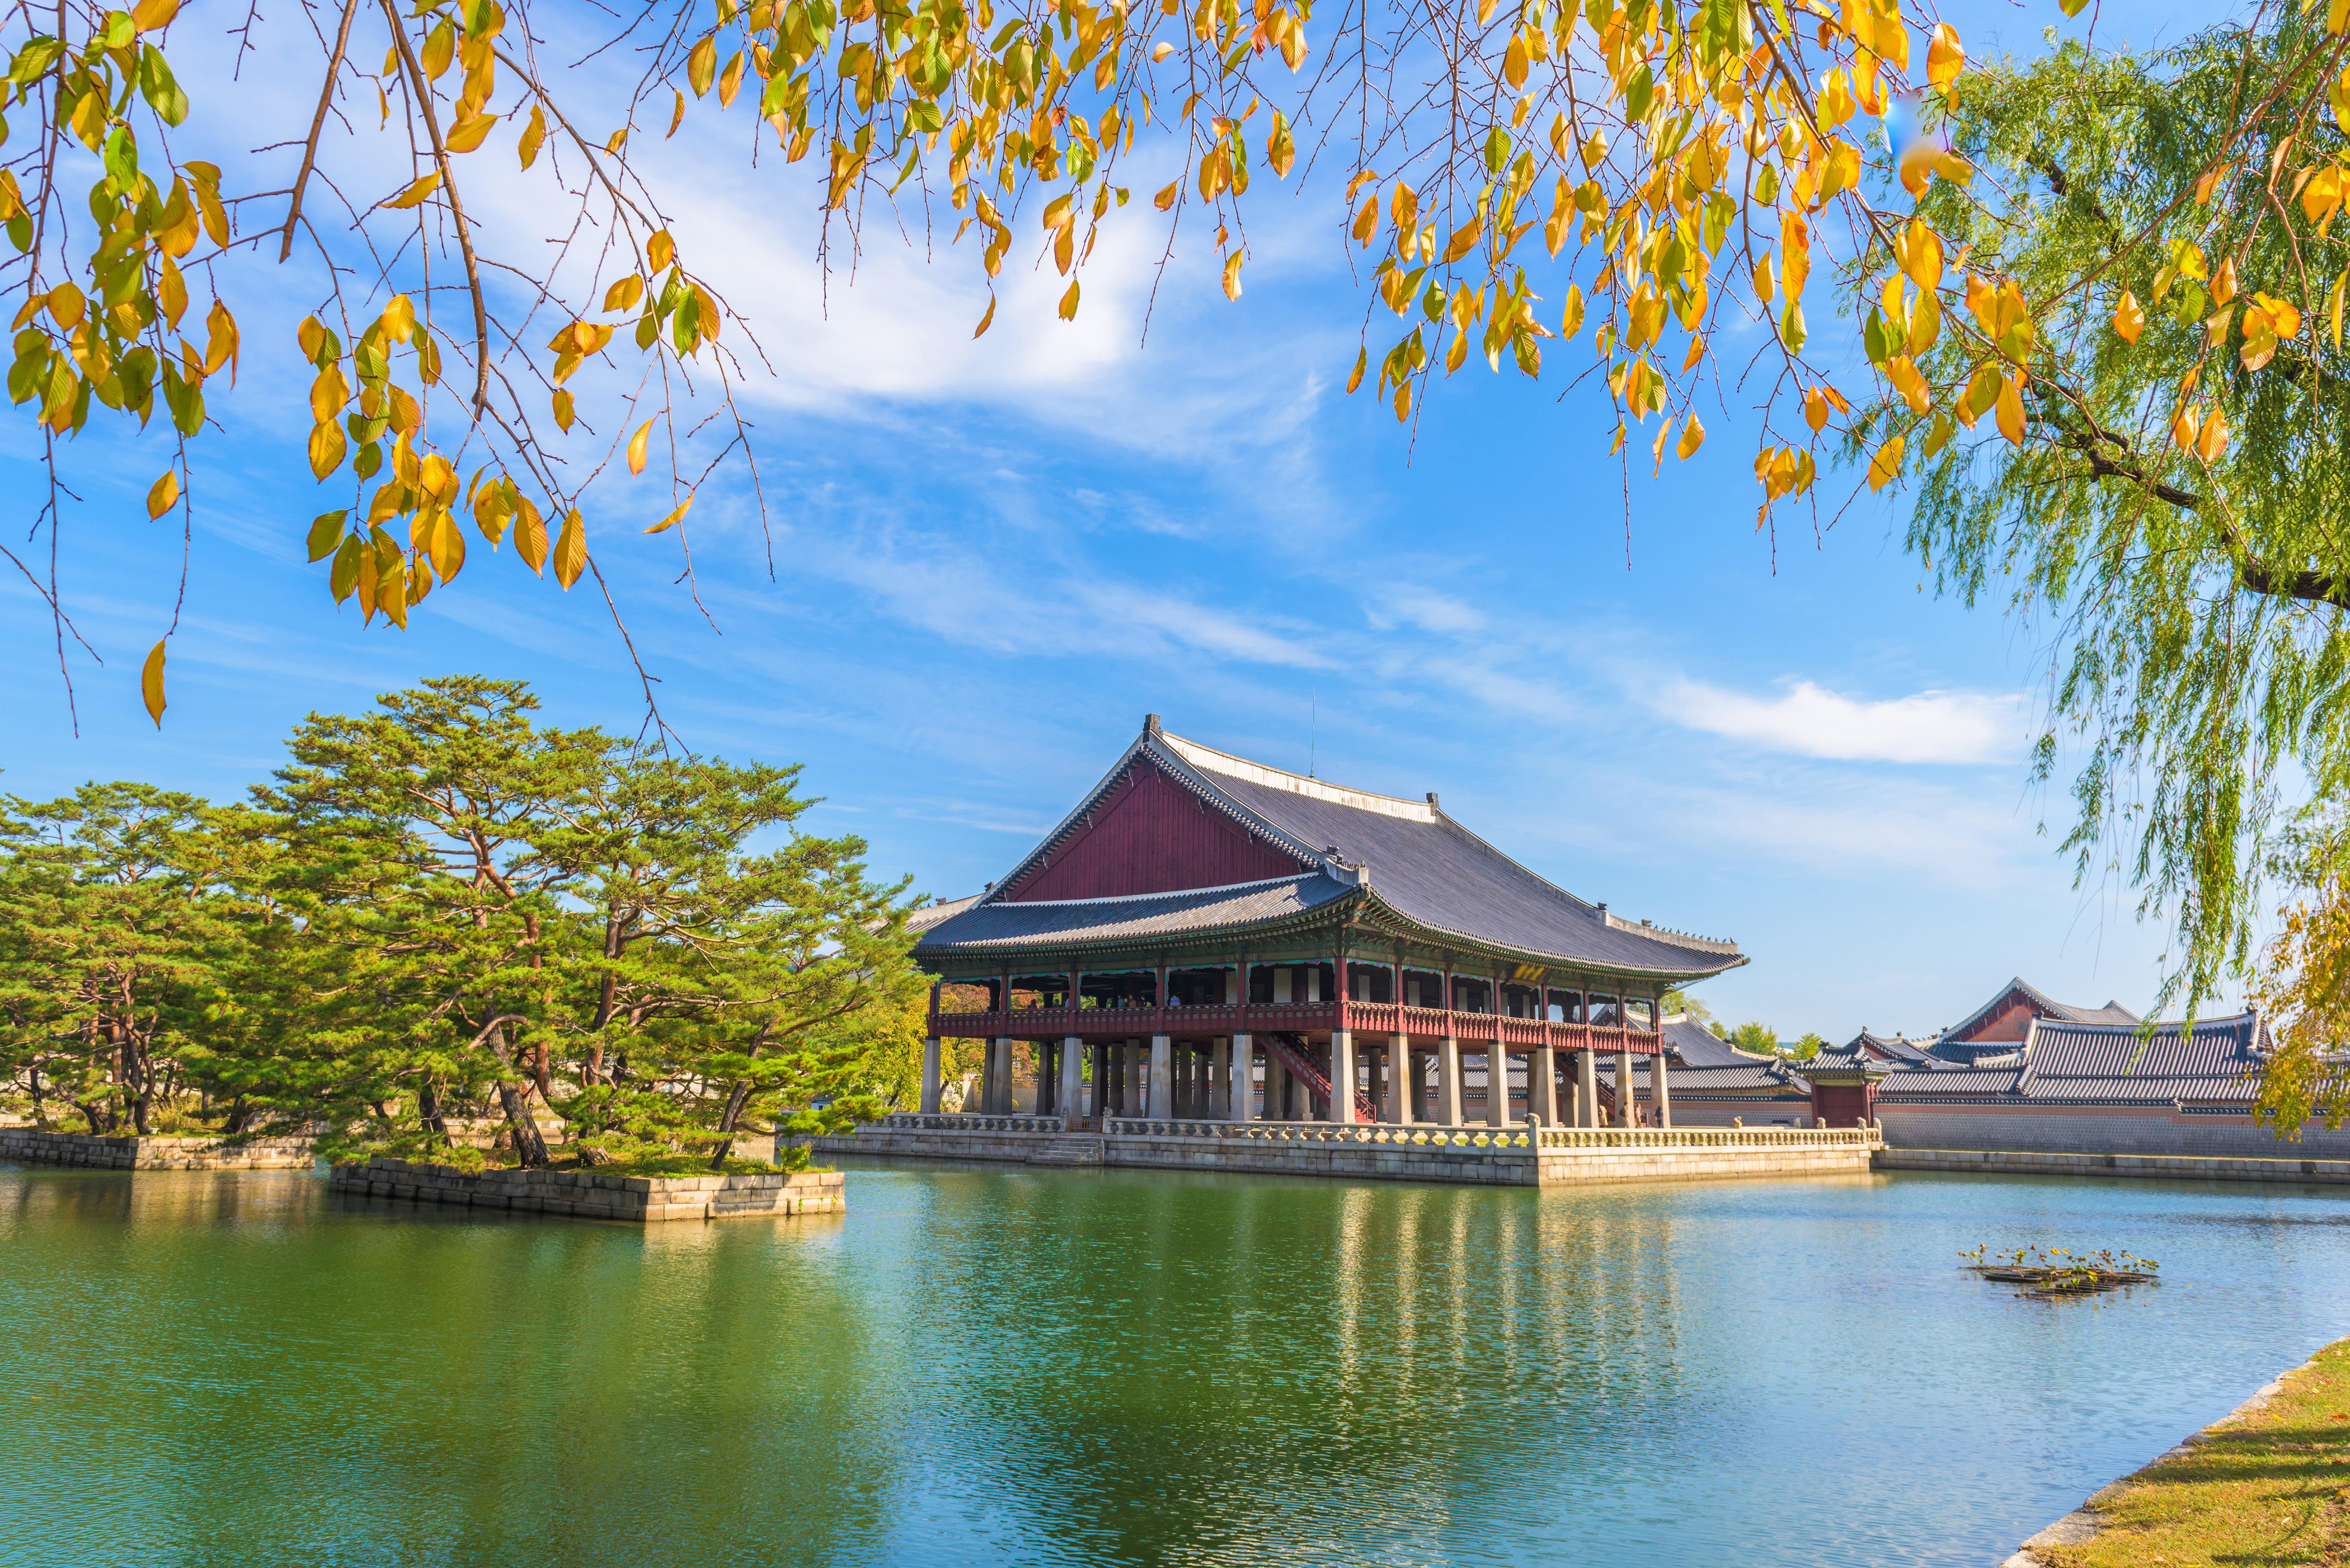 Coreia do Sul  descubra as cidades mais interessantes do país ... 3a9ed723ccac7